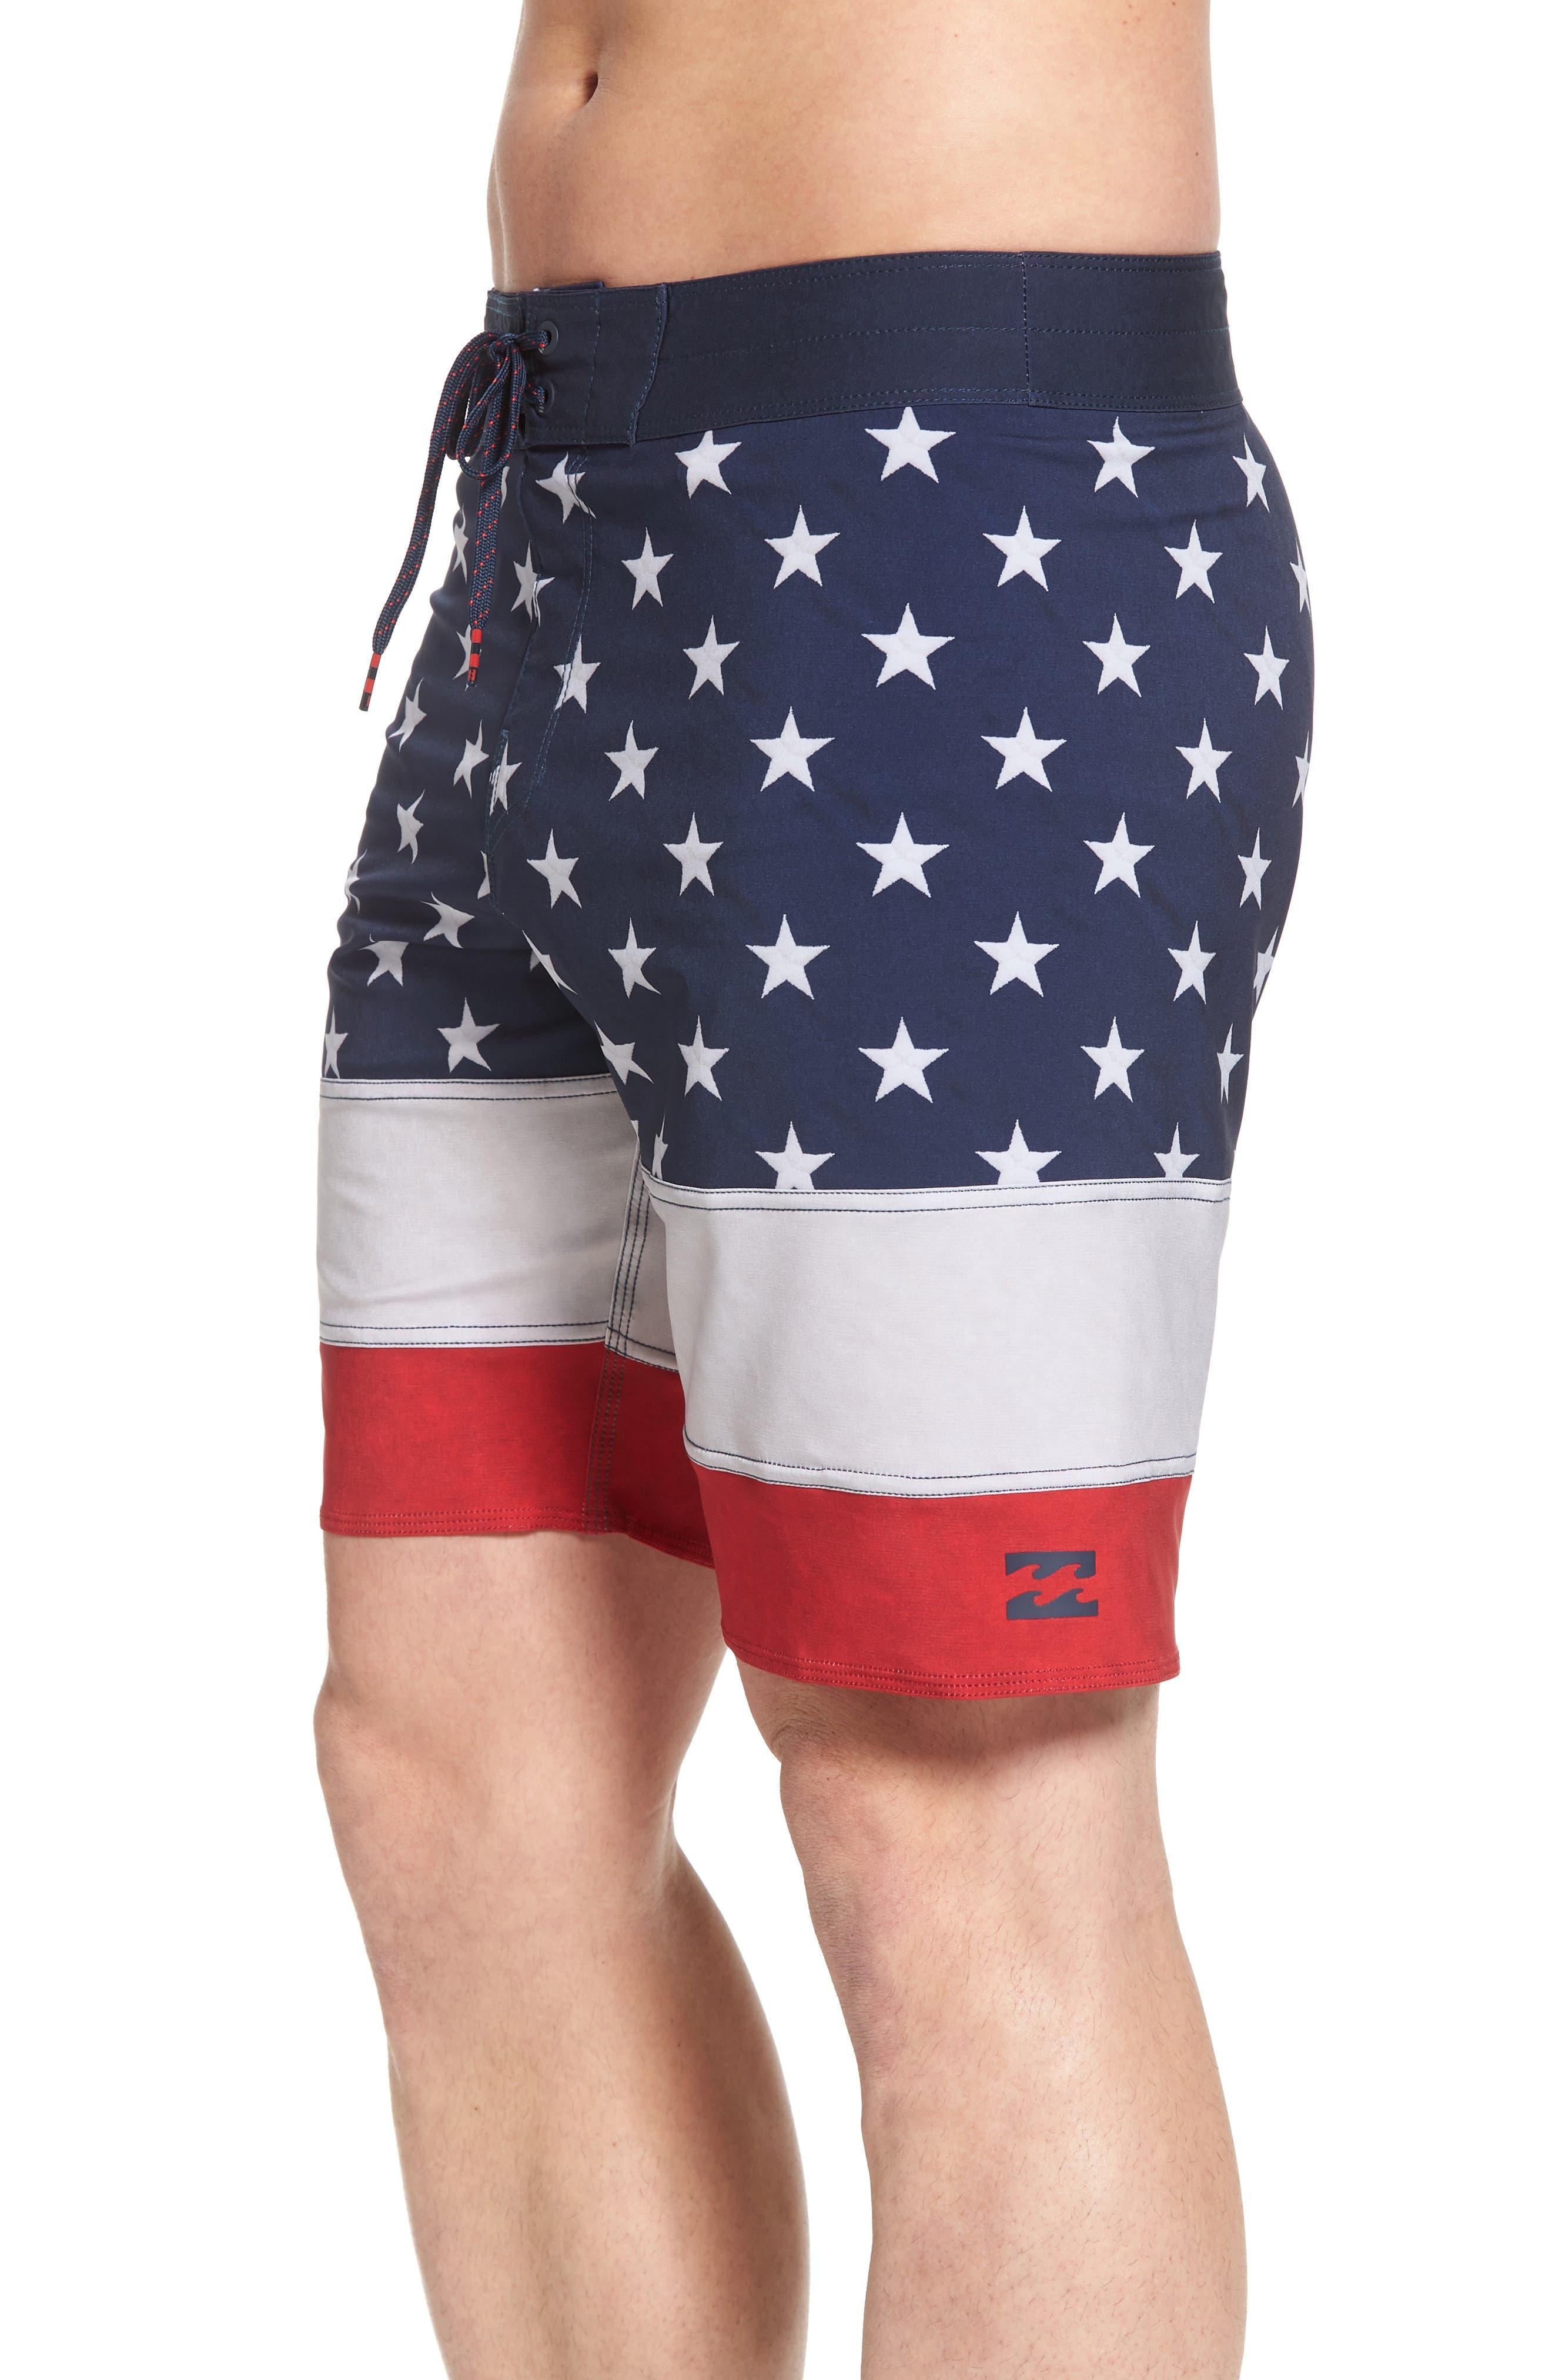 Pump X Board Shorts,                             Alternate thumbnail 4, color,                             Navy